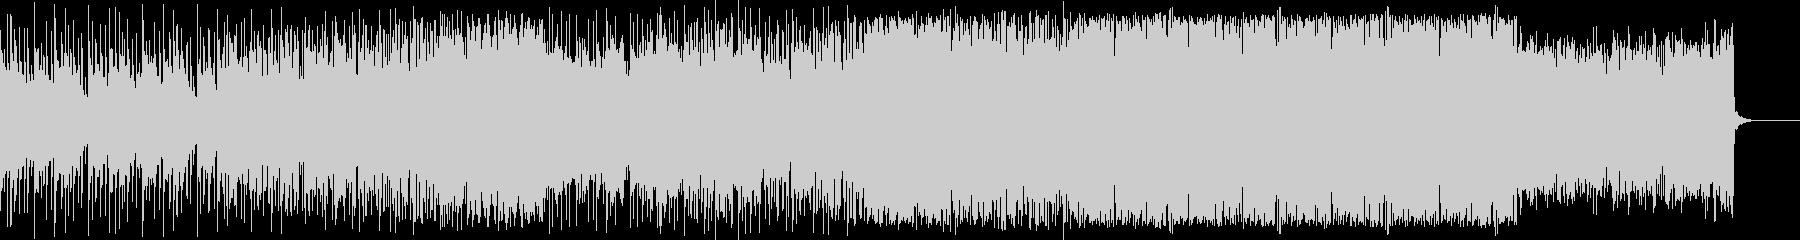 疾走感のあるローファイビート(低音)の未再生の波形